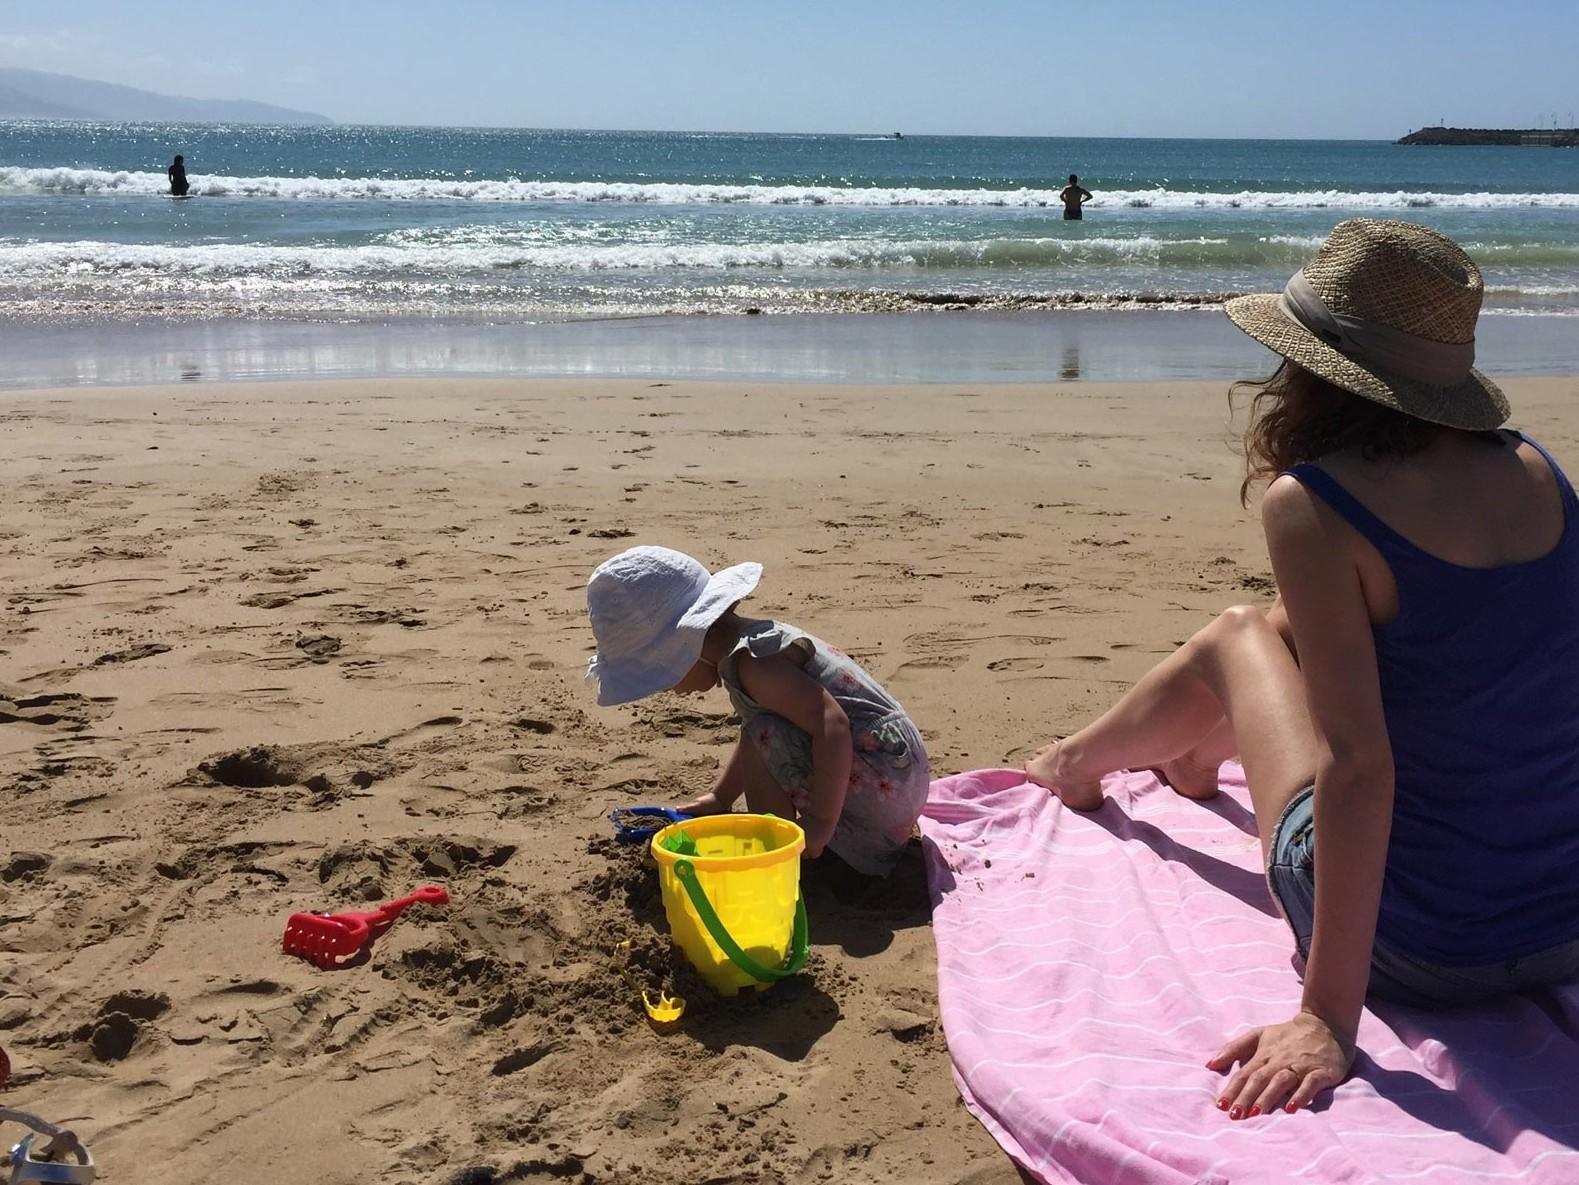 Op vakantie met kinderen, reizen met kinderen, reisblogs, mamablog